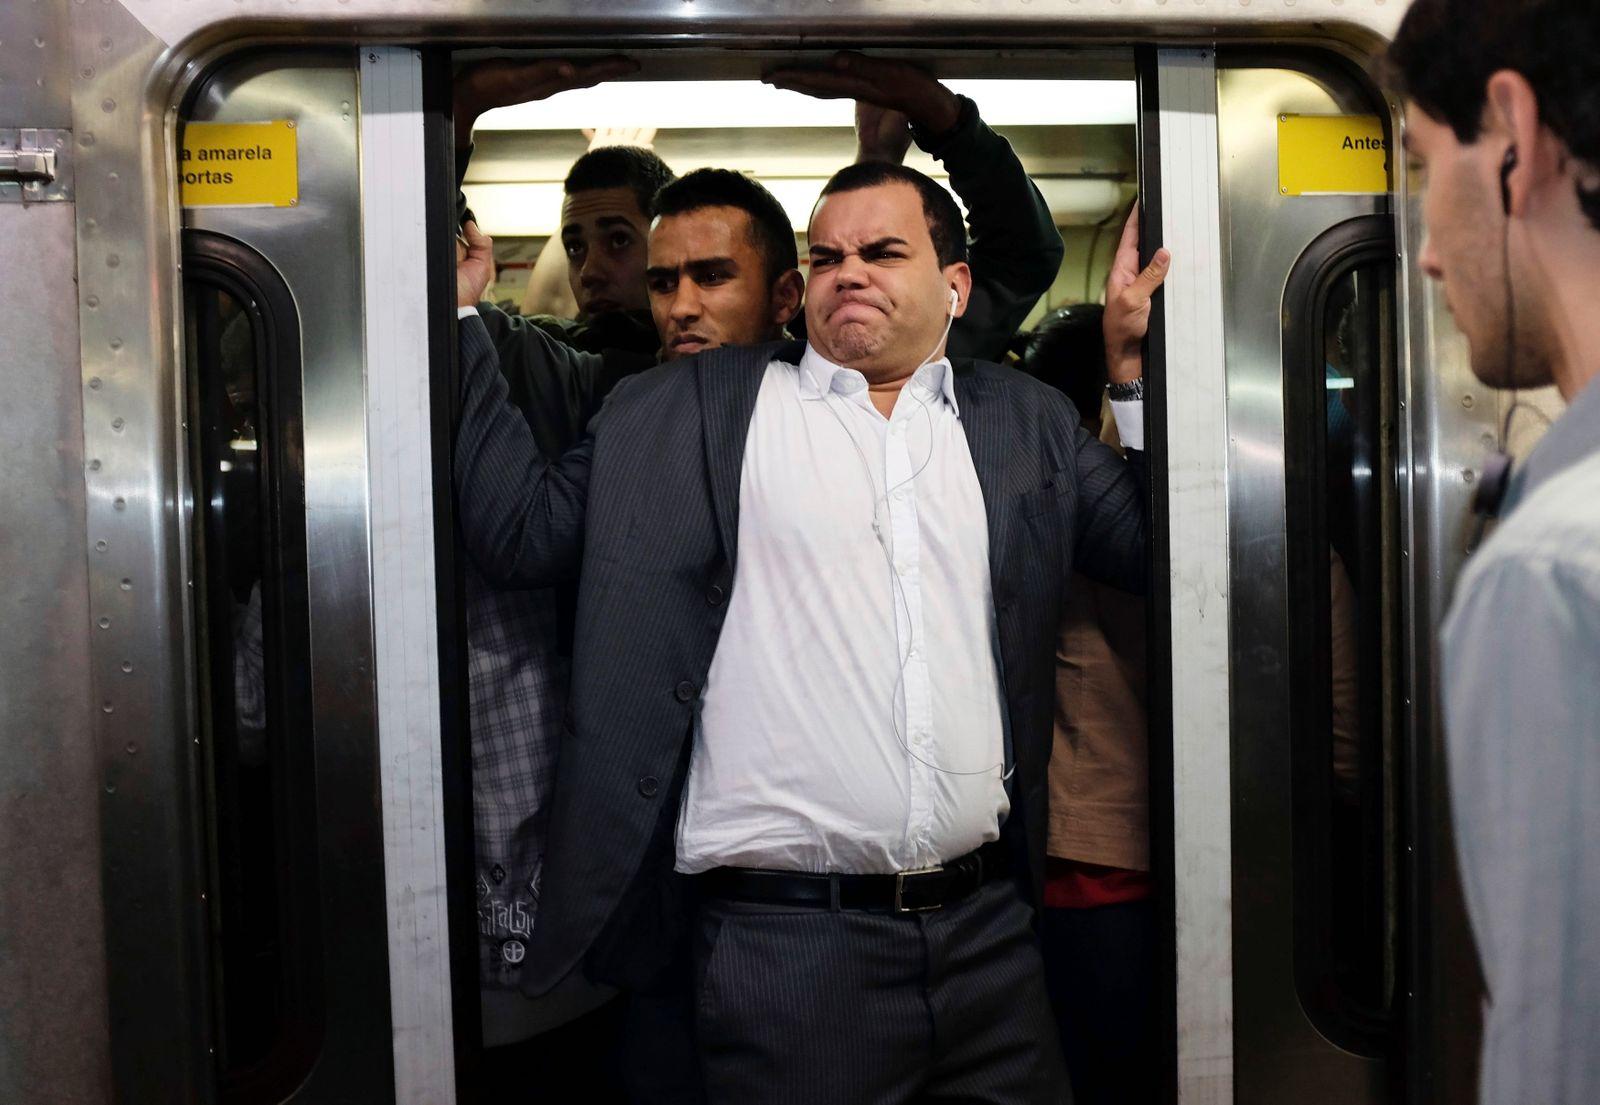 Sao Paulo / Metro